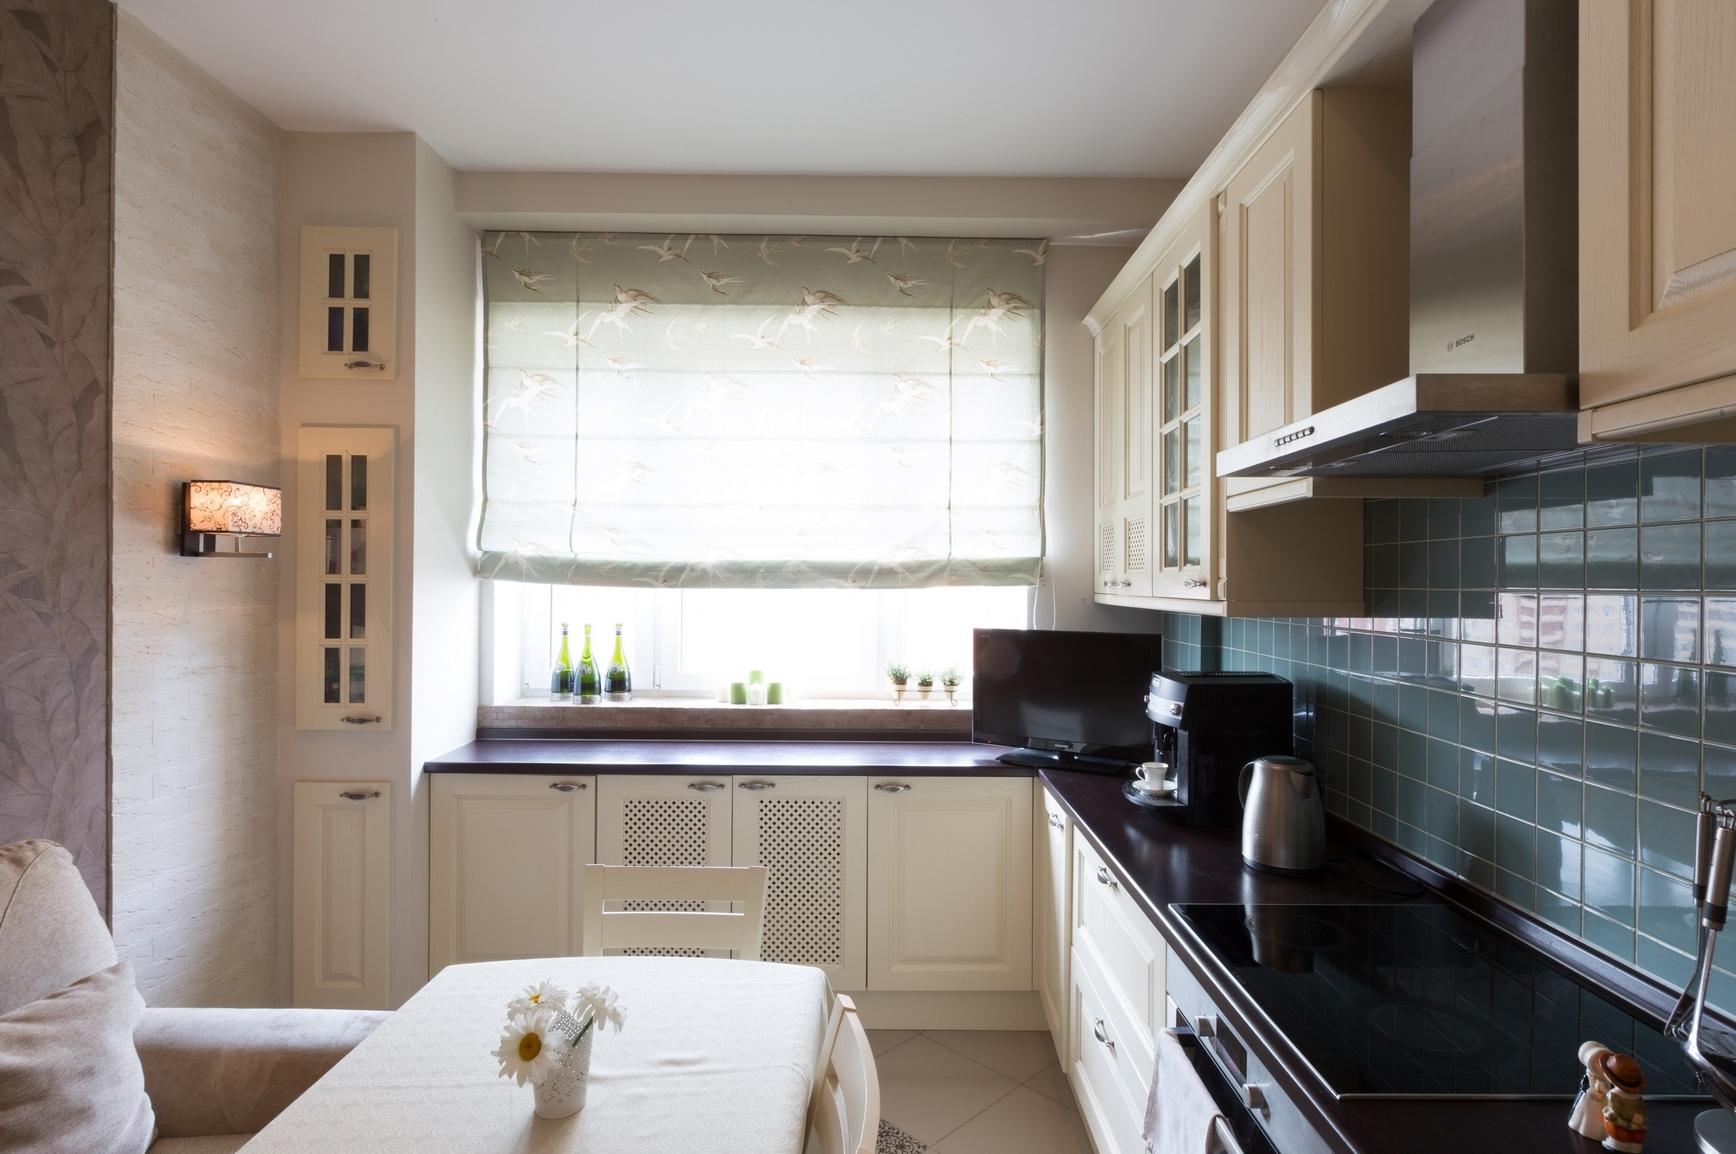 Уютный интерьер кухни с диваном